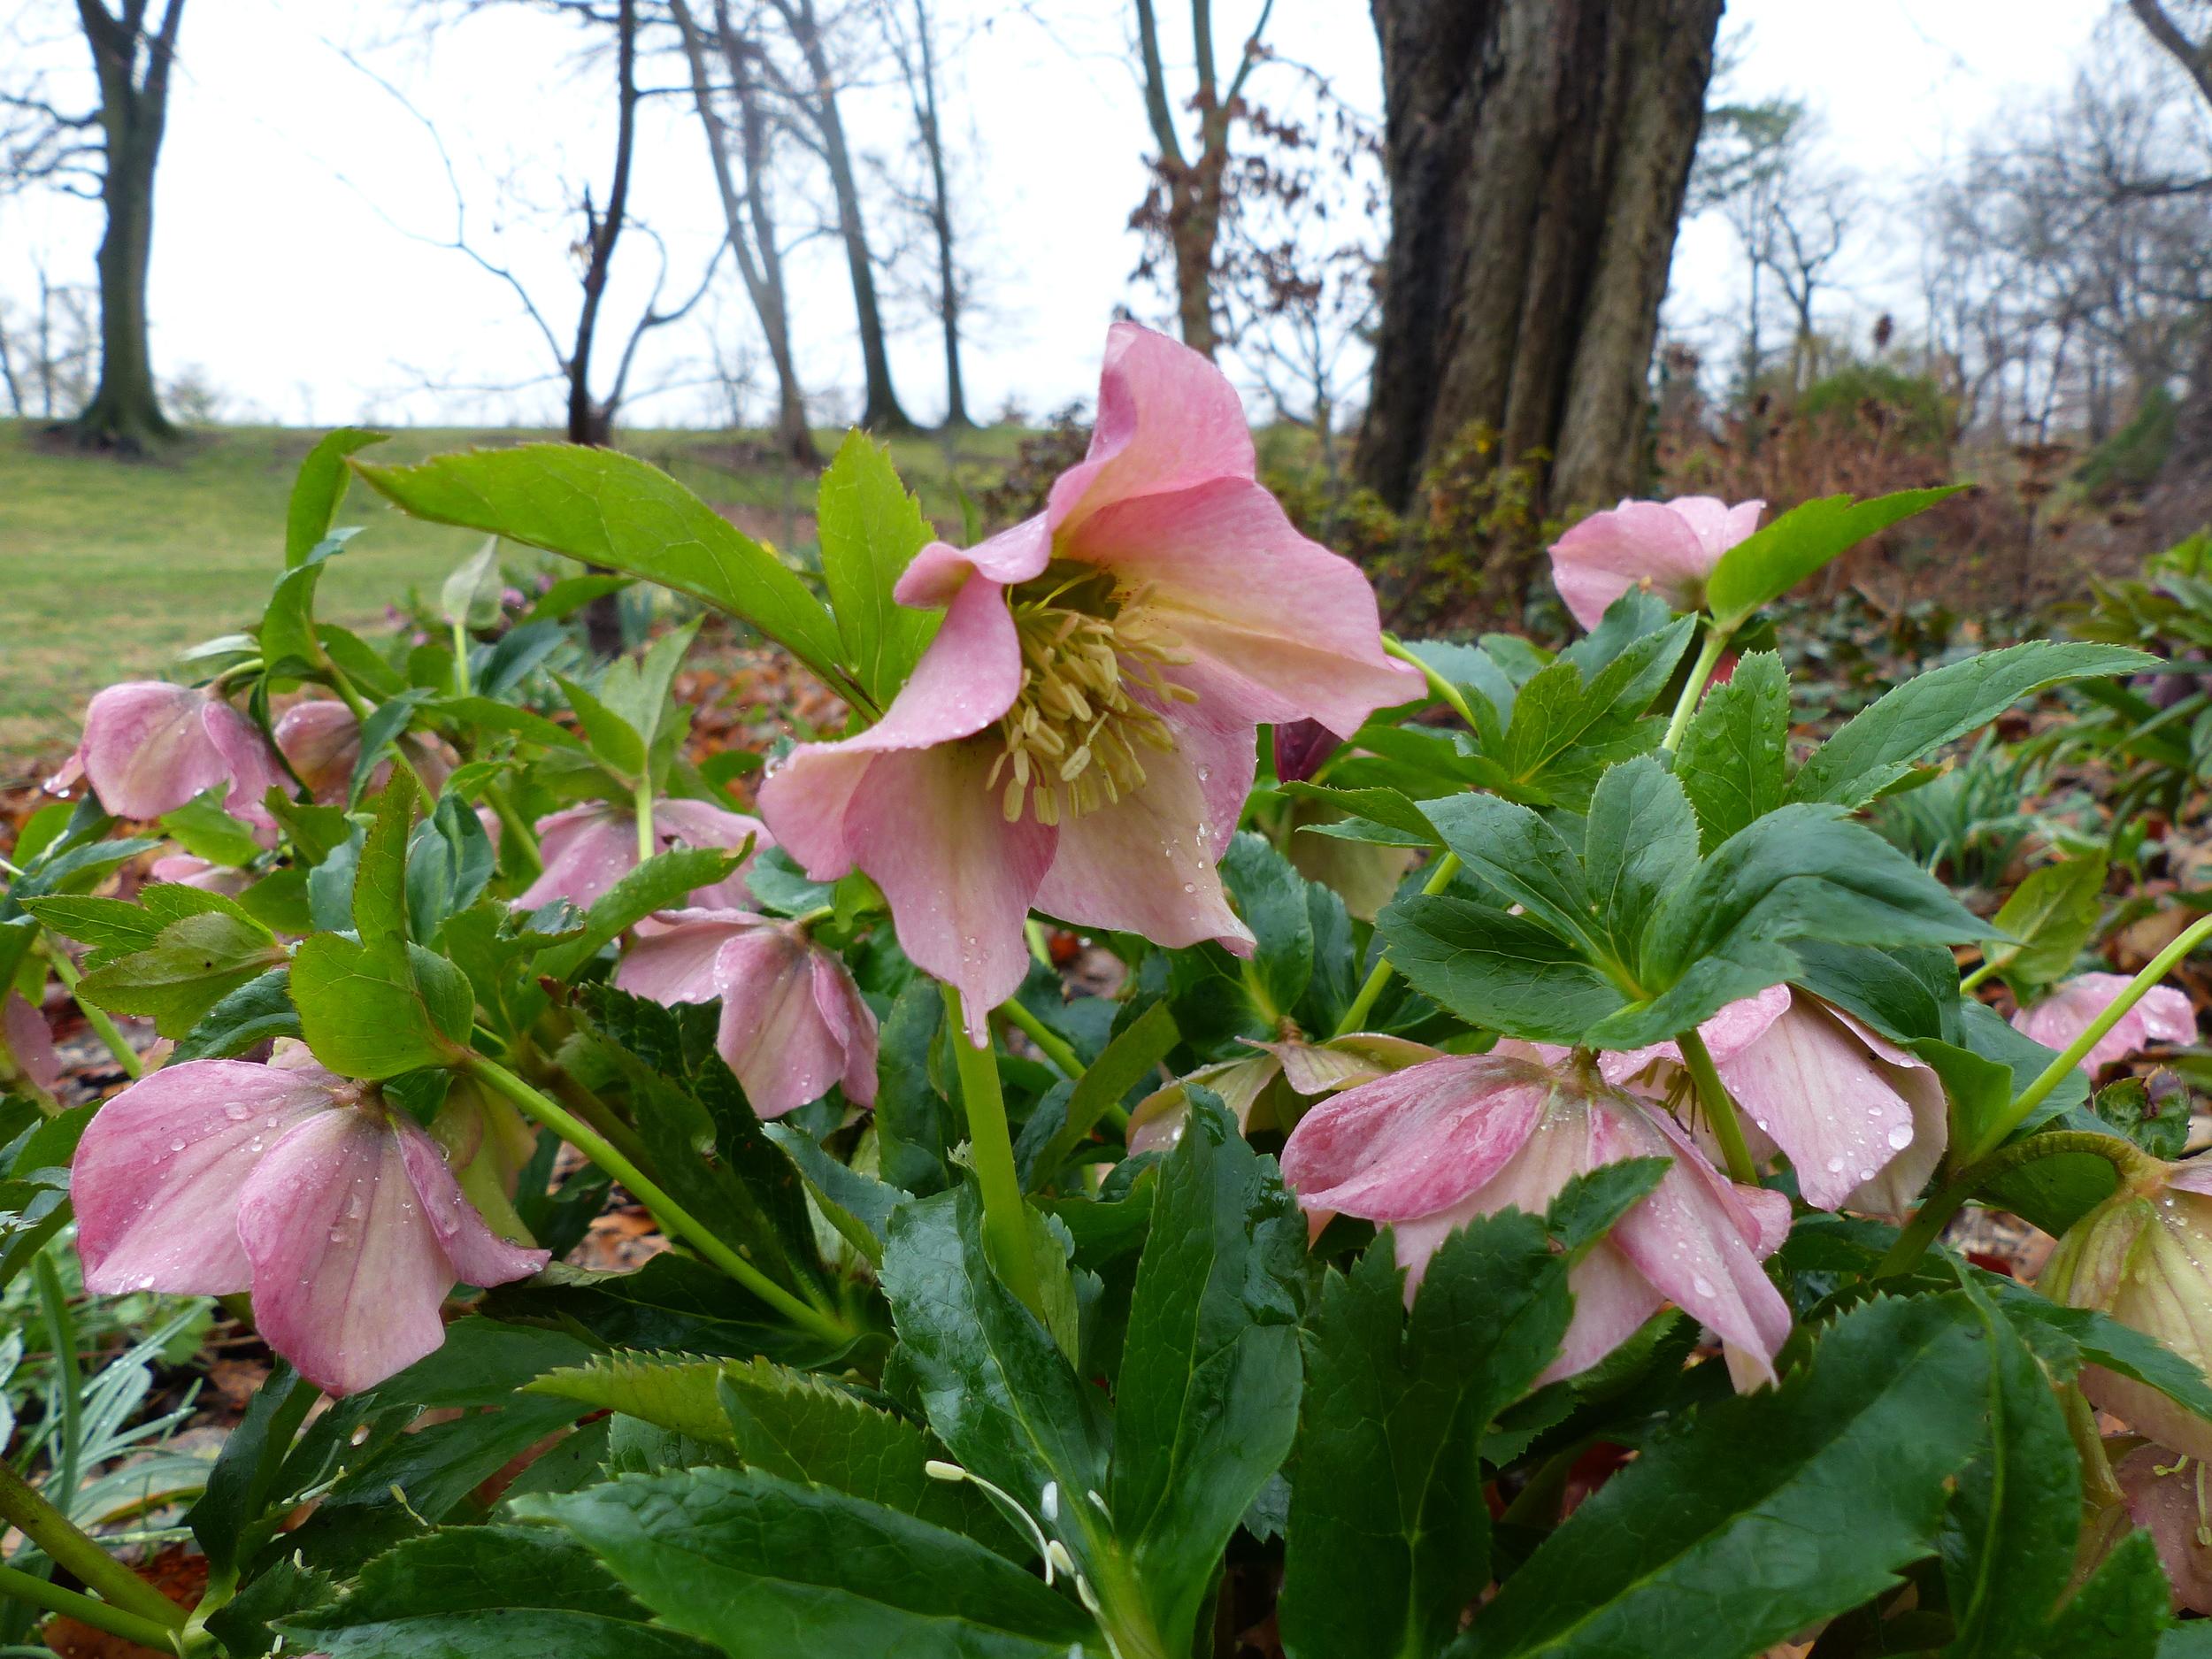 Pink hellebore blooming in late winter